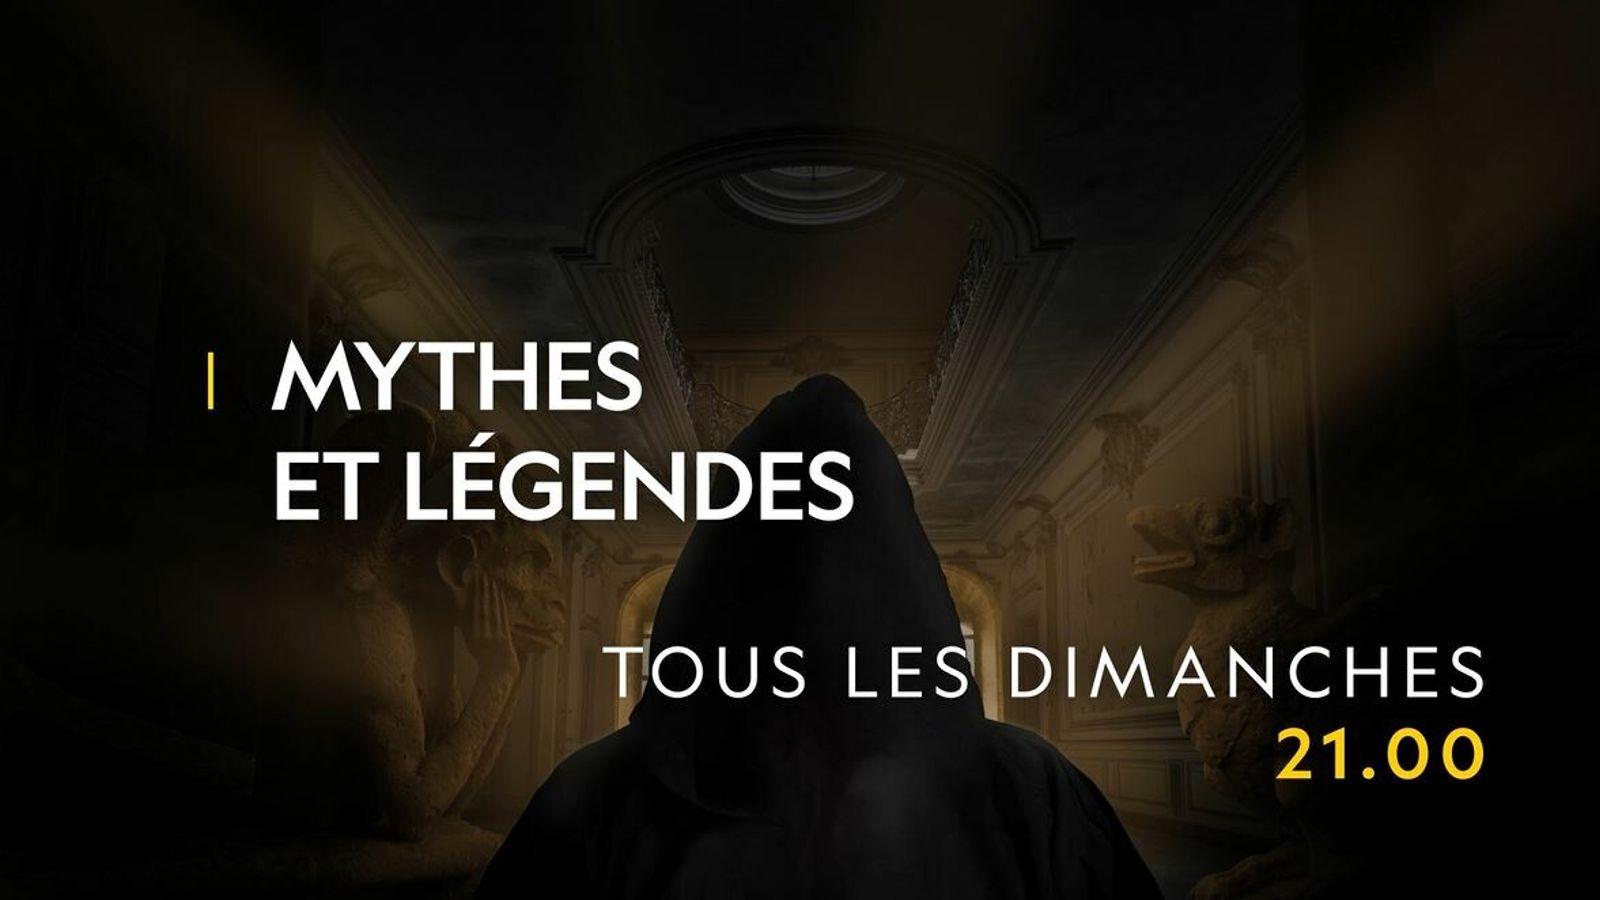 Mythes et légendes.